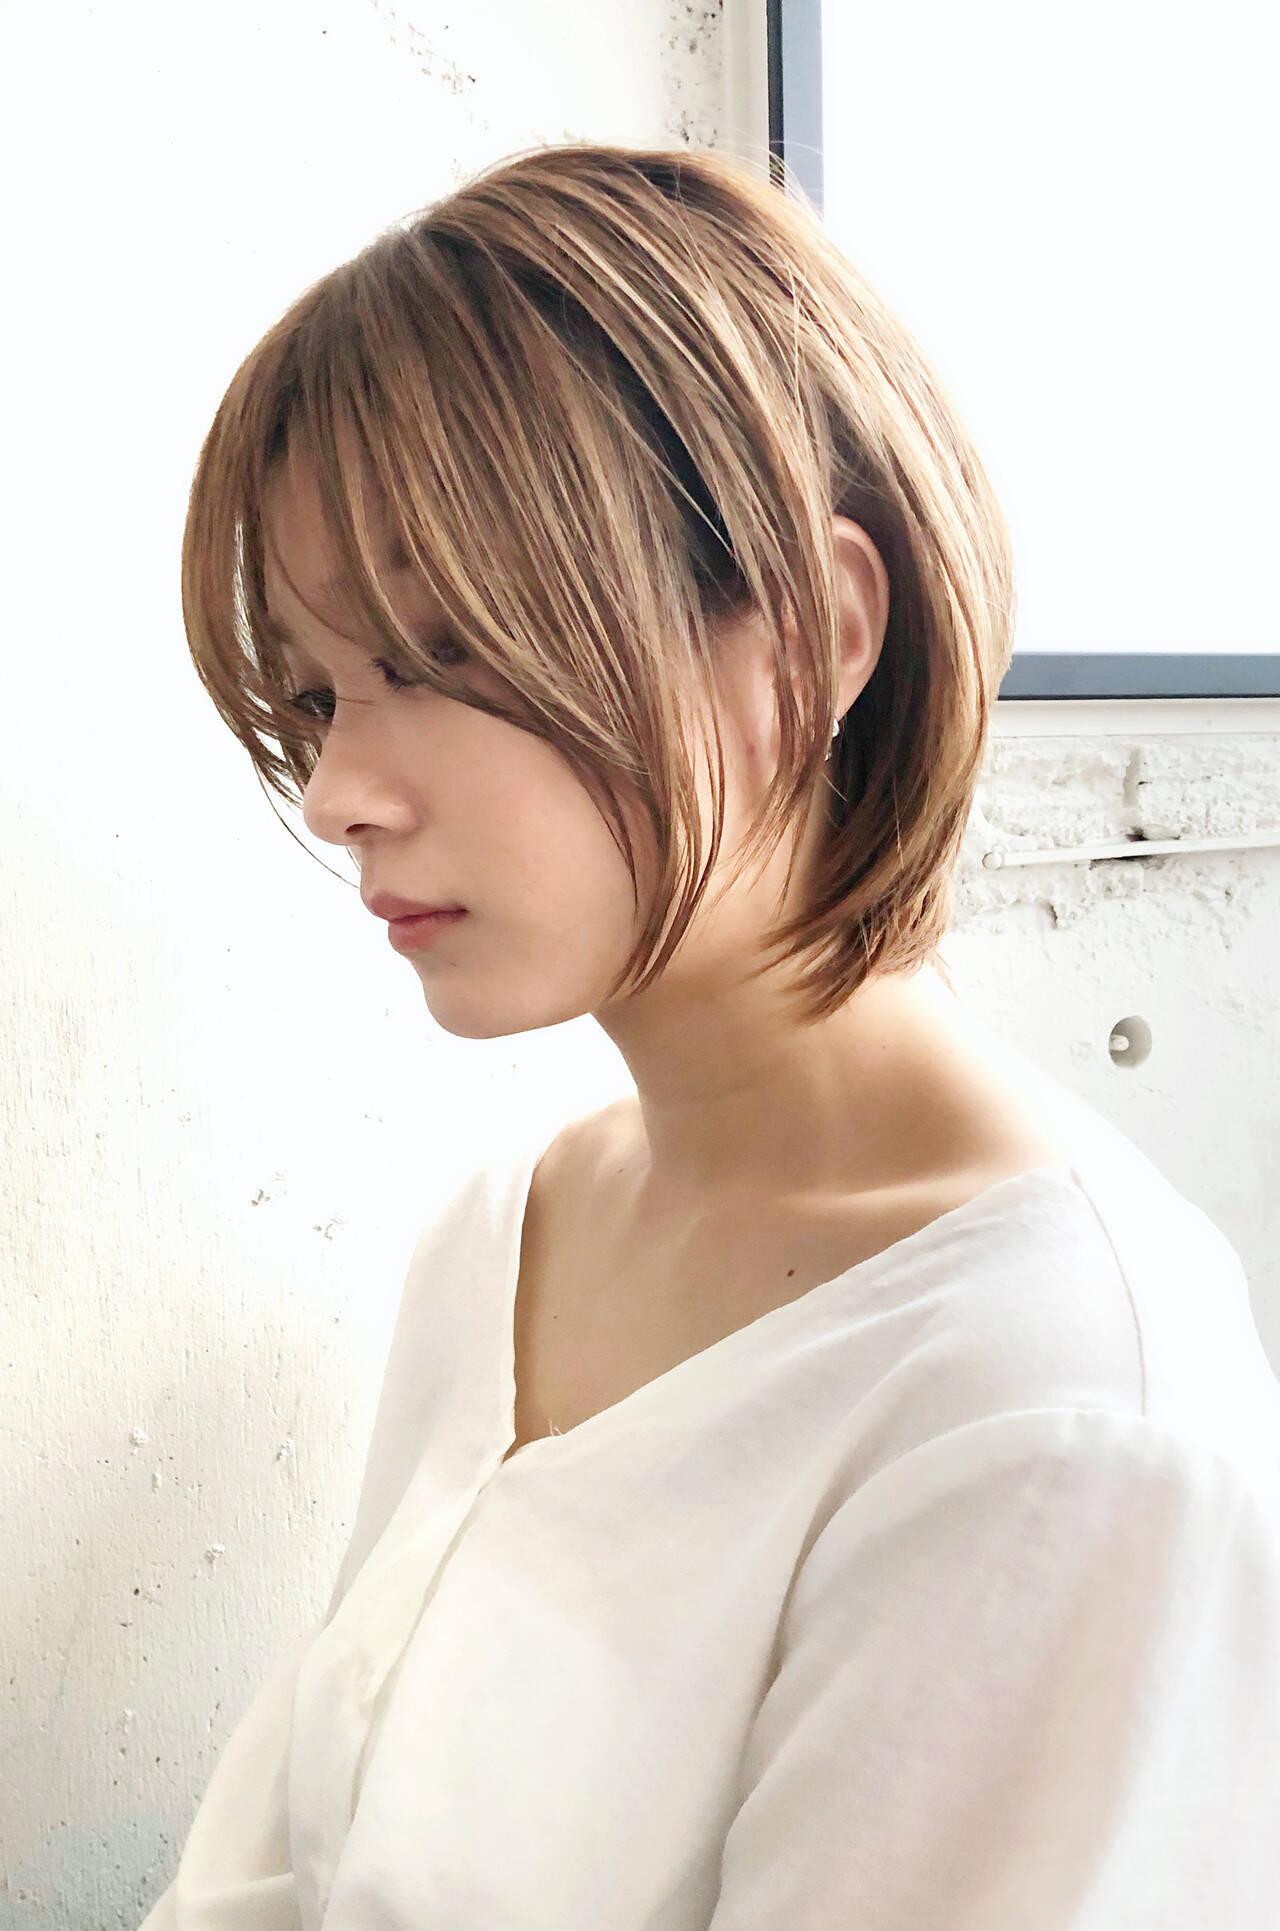 カーキアッシュ 最新トリートメント 大人ロング ヘアアレンジヘアスタイルや髪型の写真・画像